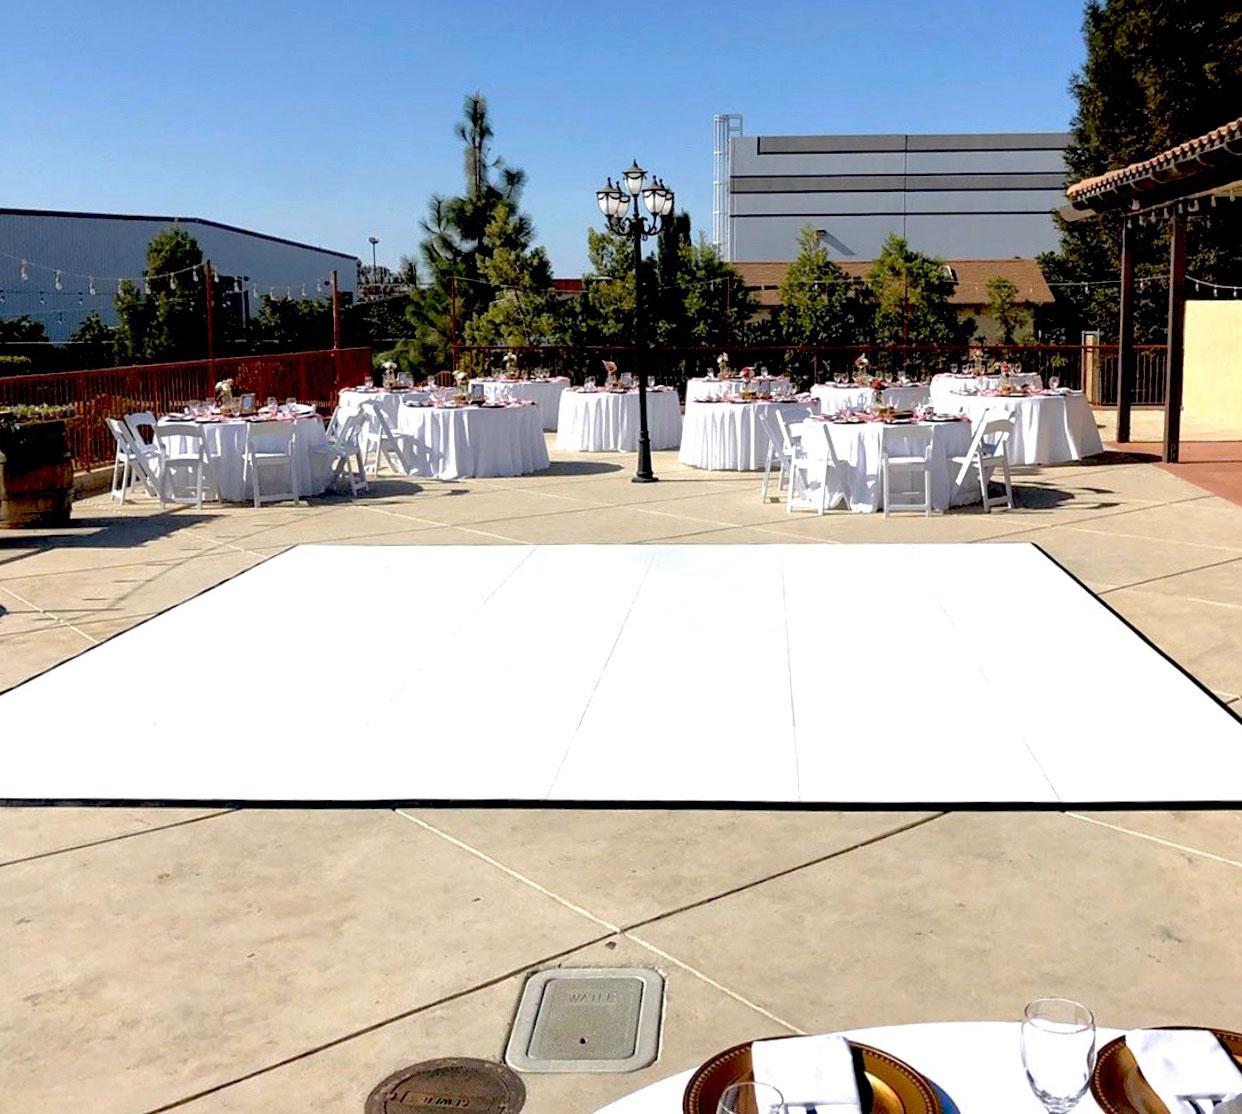 Slate white dance floor in the center of a wedding setup